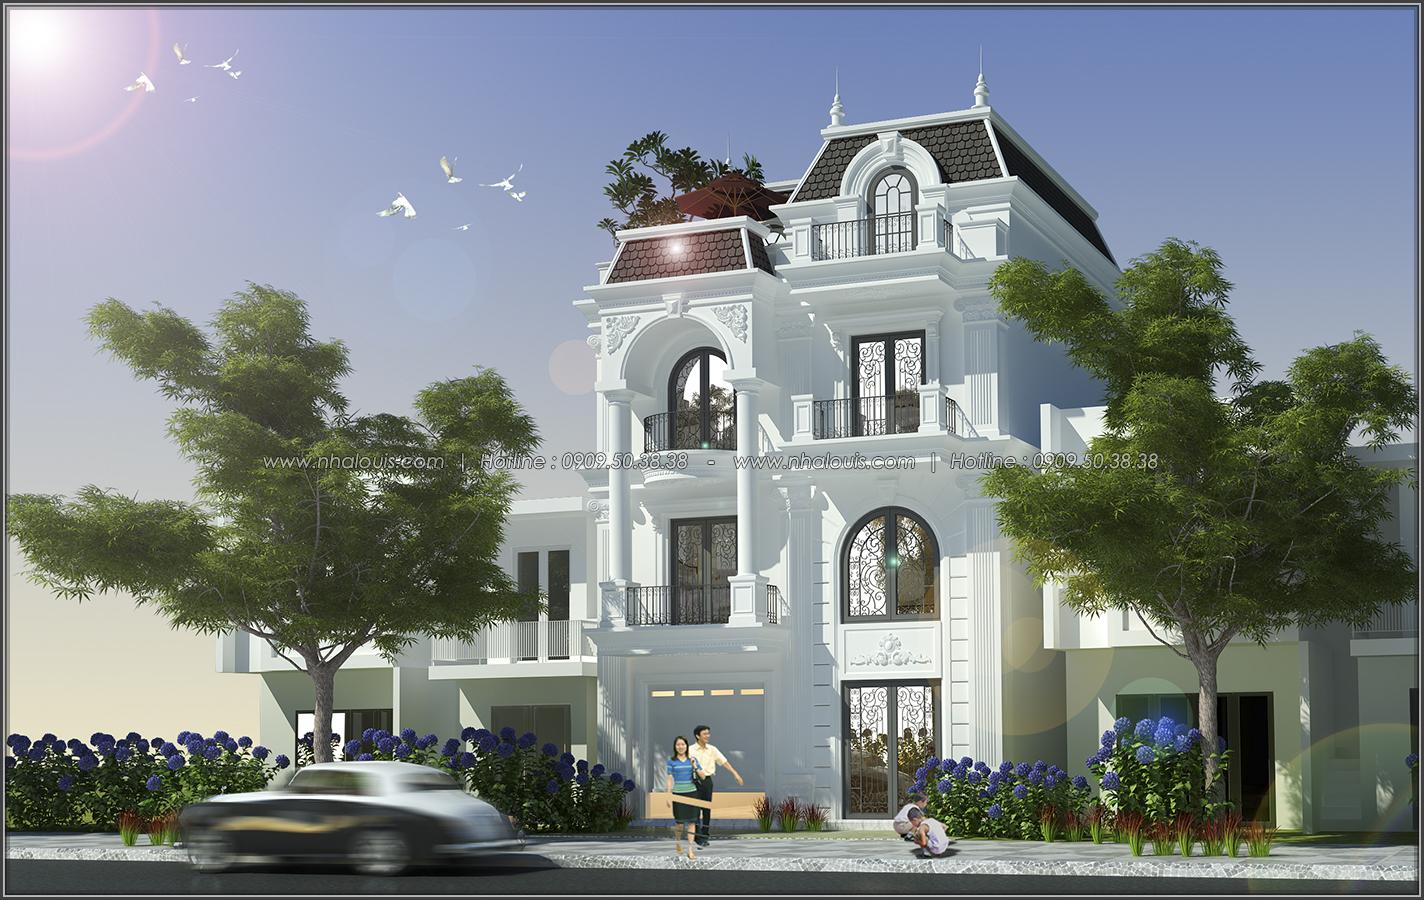 Thiết kế biệt thự tân cổ điển tại Đồng Nai nổi bật trên đường phố tấp nập - 02